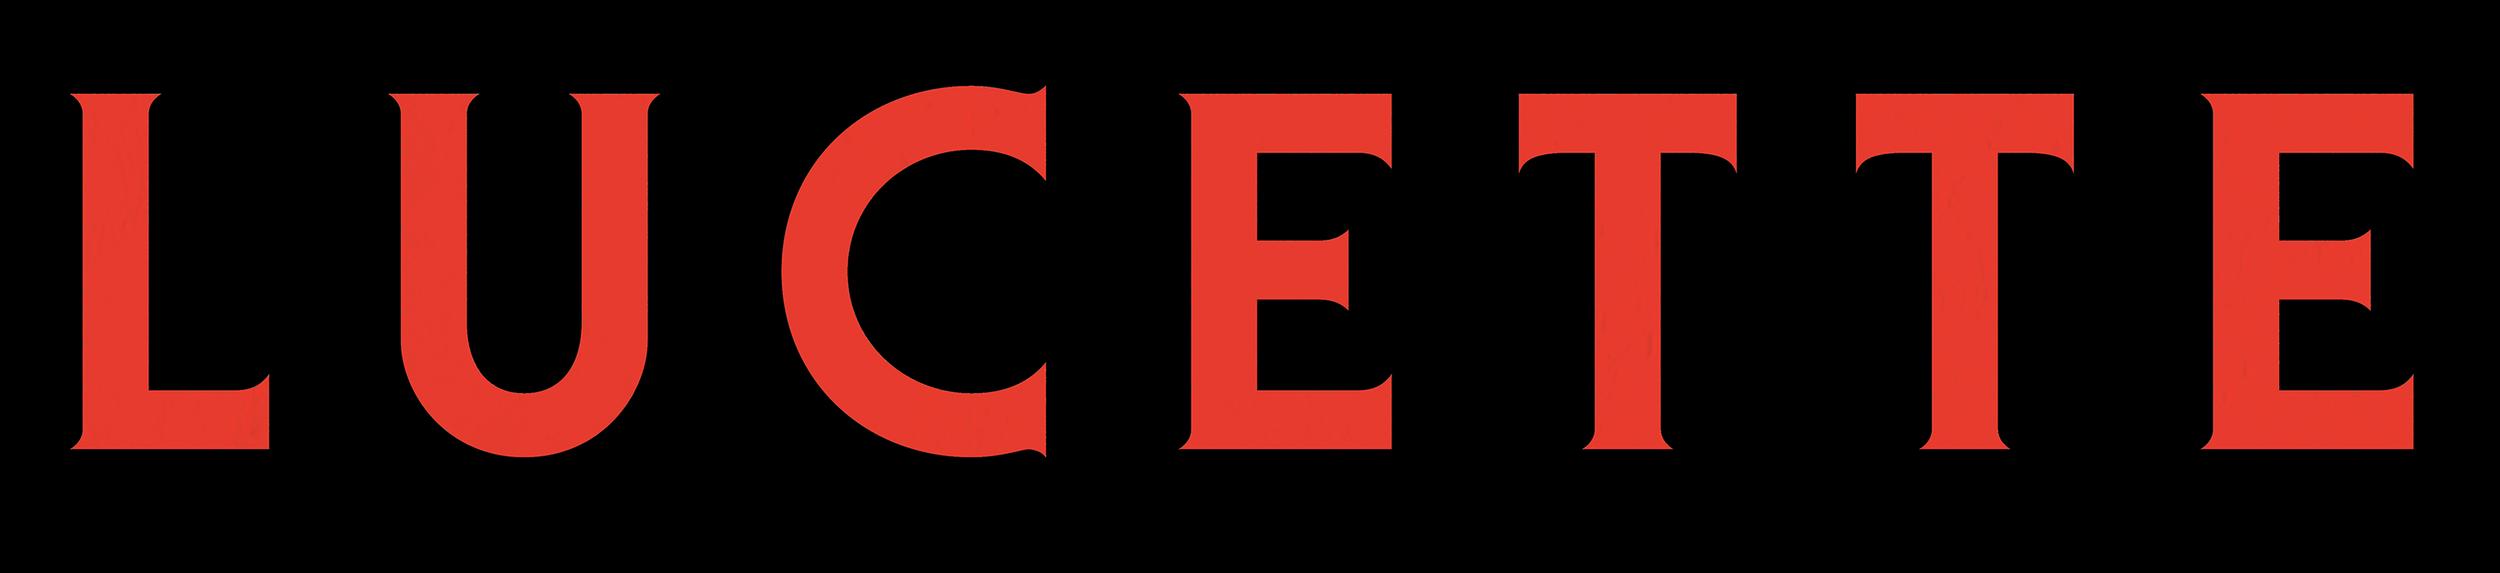 Lucettea-DHR_logo-onB.png